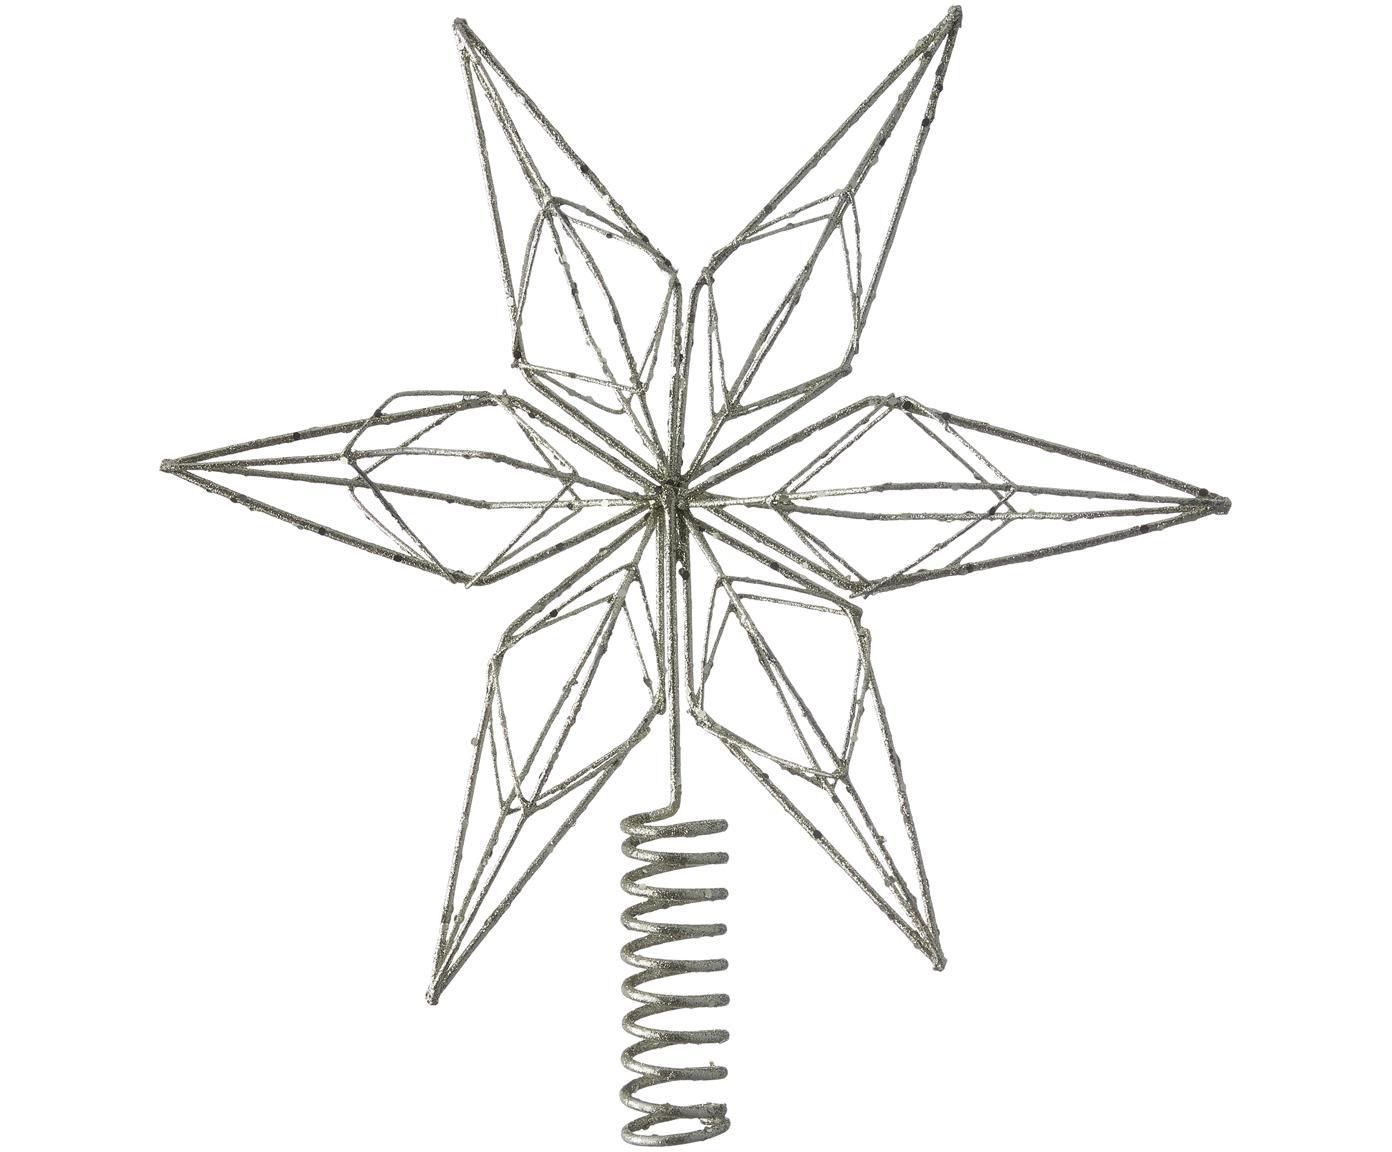 Piek Alivinne, Gelakt metaal, Metaalkleurig, 27 x 28 cm